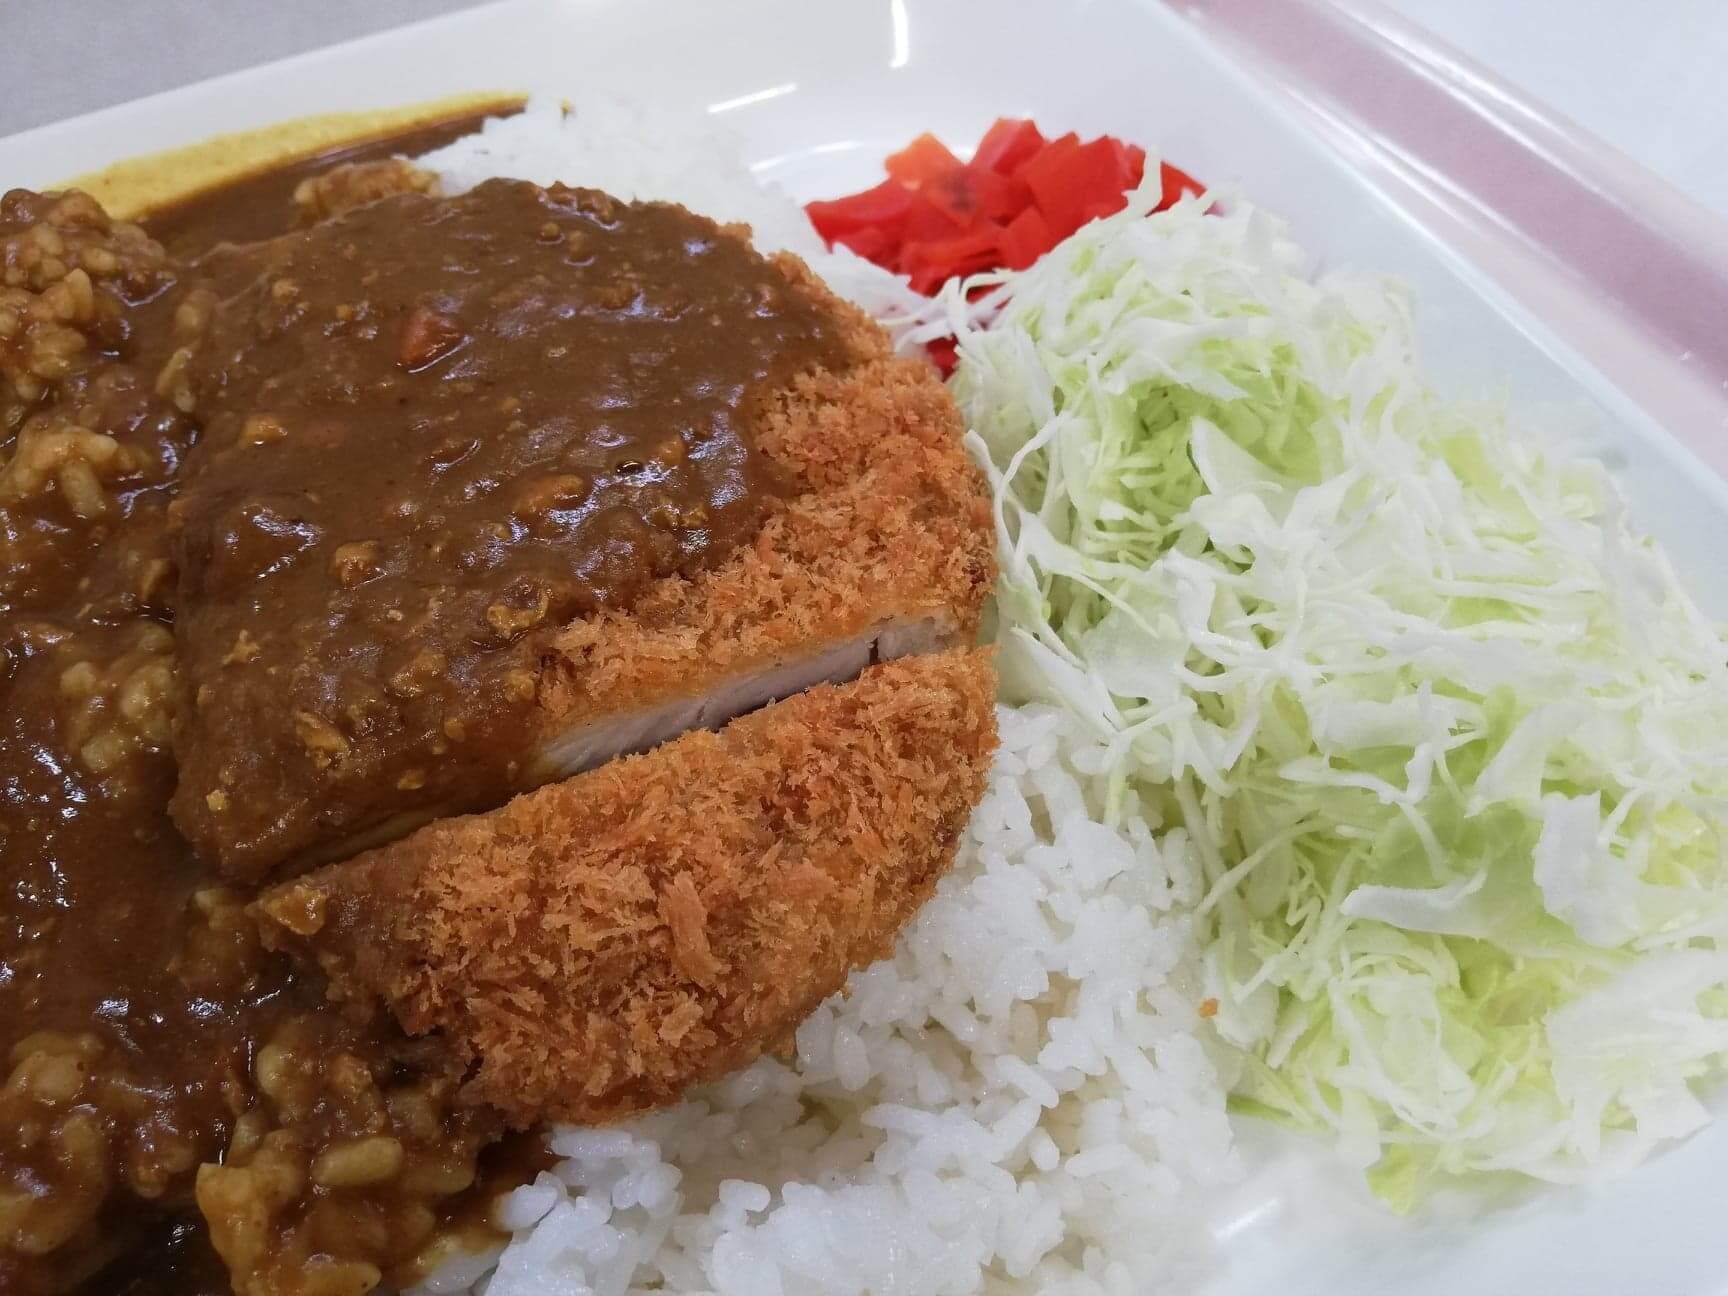 練馬区役所の職員レストランの『メガカツカレー』のアップ写真①